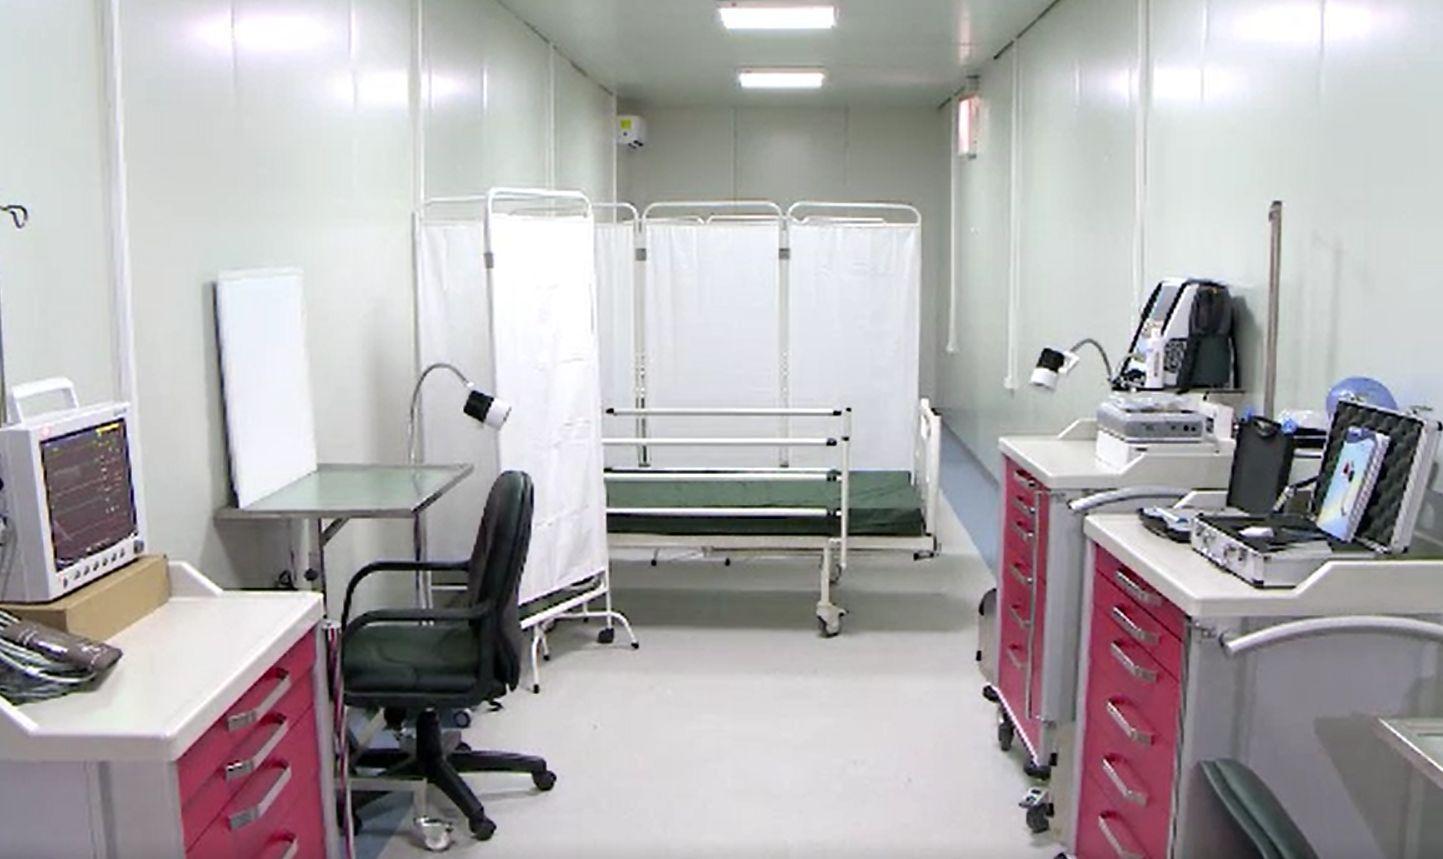 Grupul de Comunicare Strategică: La nivel naţional, la acest moment, nu sunt paturi ATI libere pentru pacienţii cu COVID